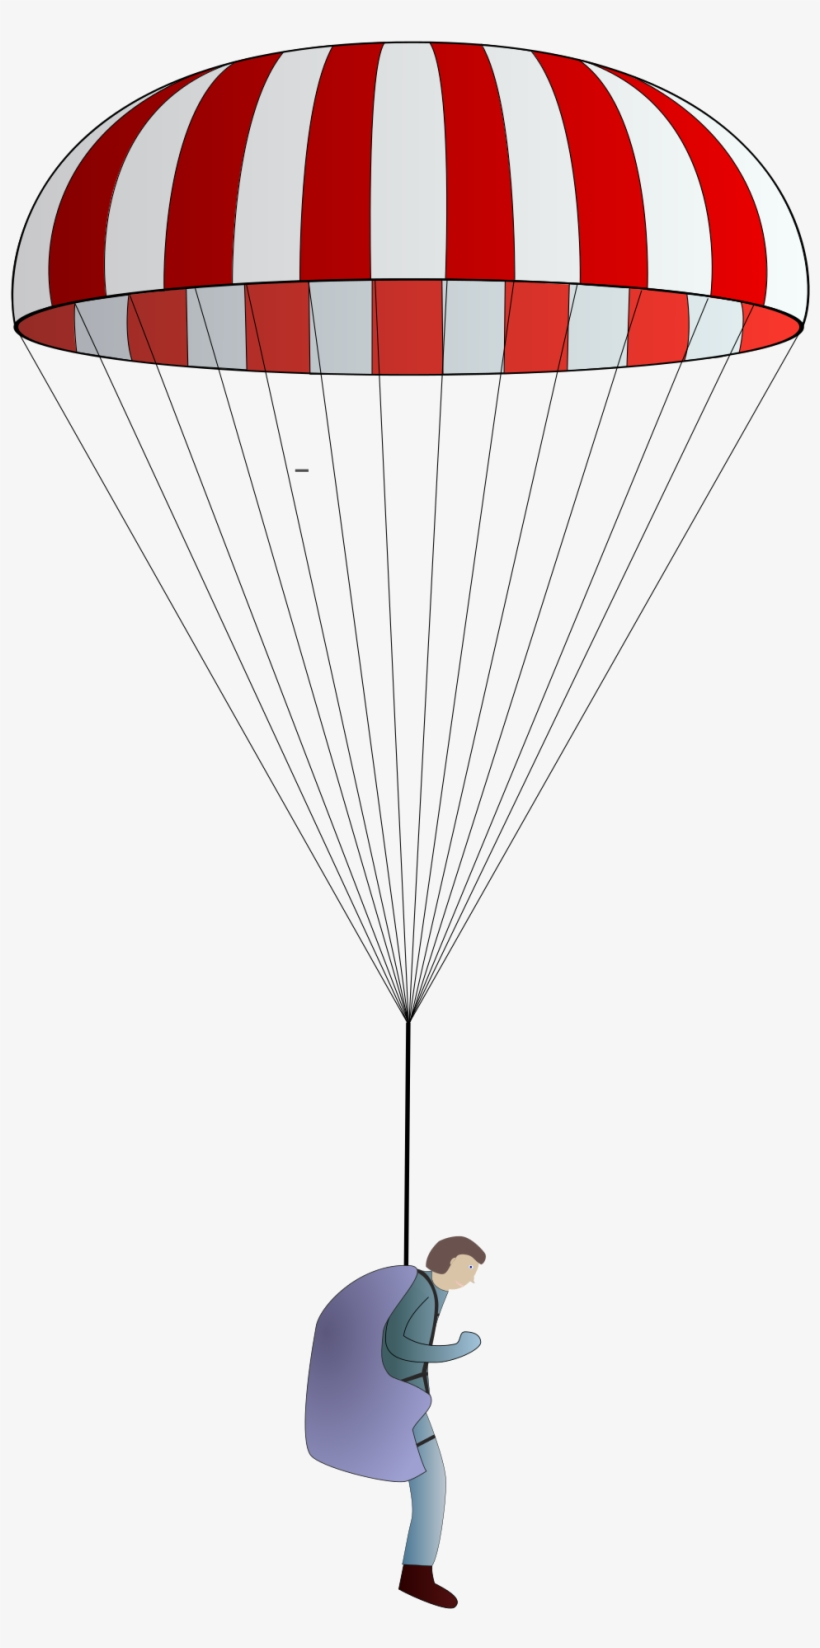 Open - Parachute Png File, transparent png #584740